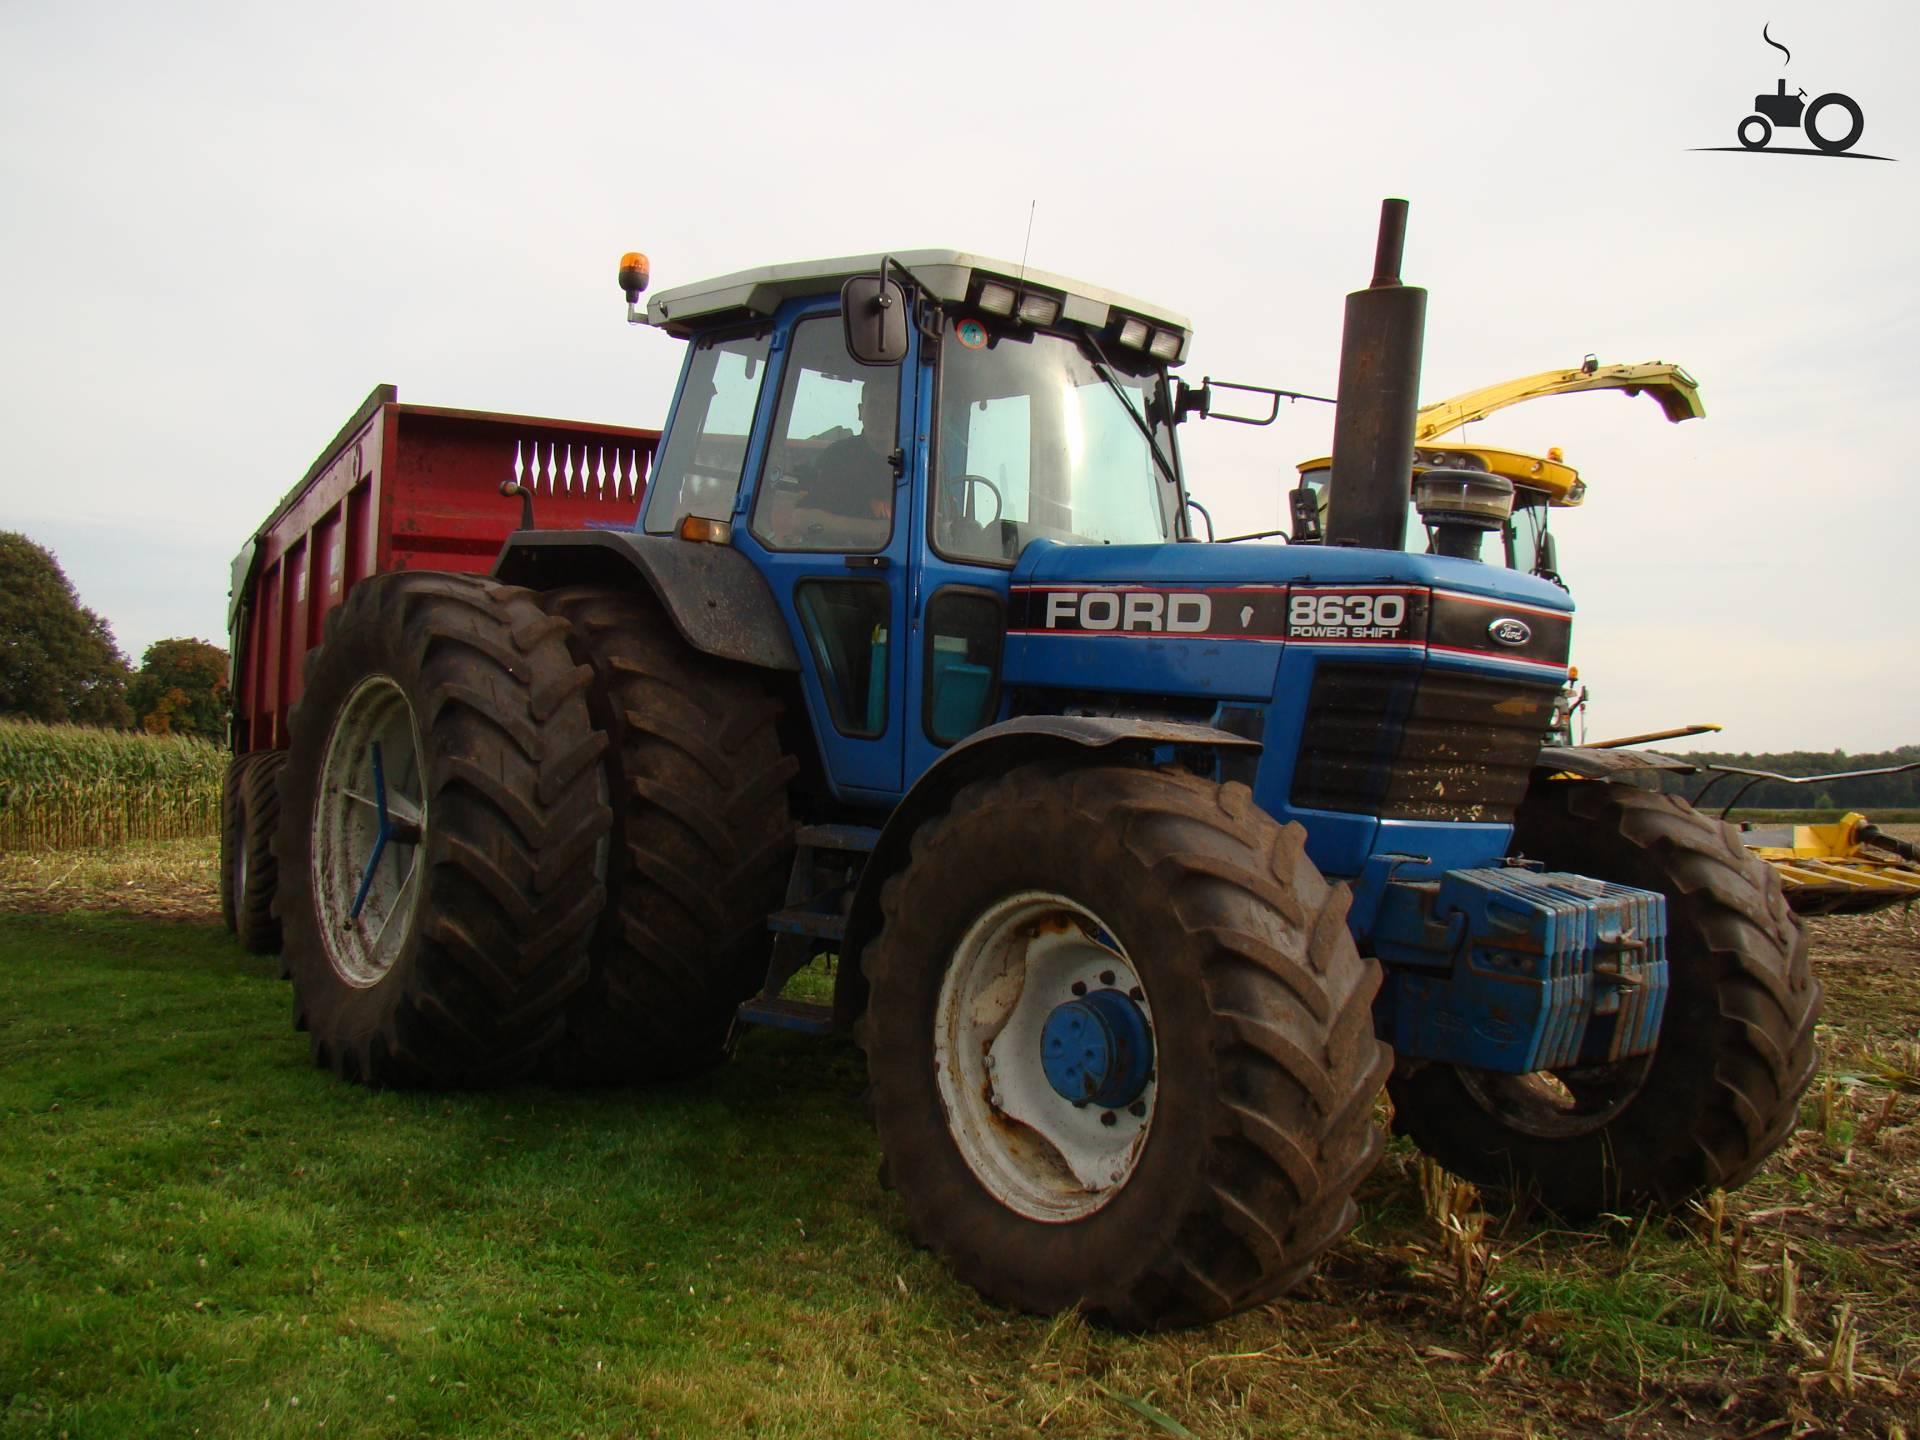 Сельскохозяйственные тракторы Ford 8630 - лучшие сельхоз ...